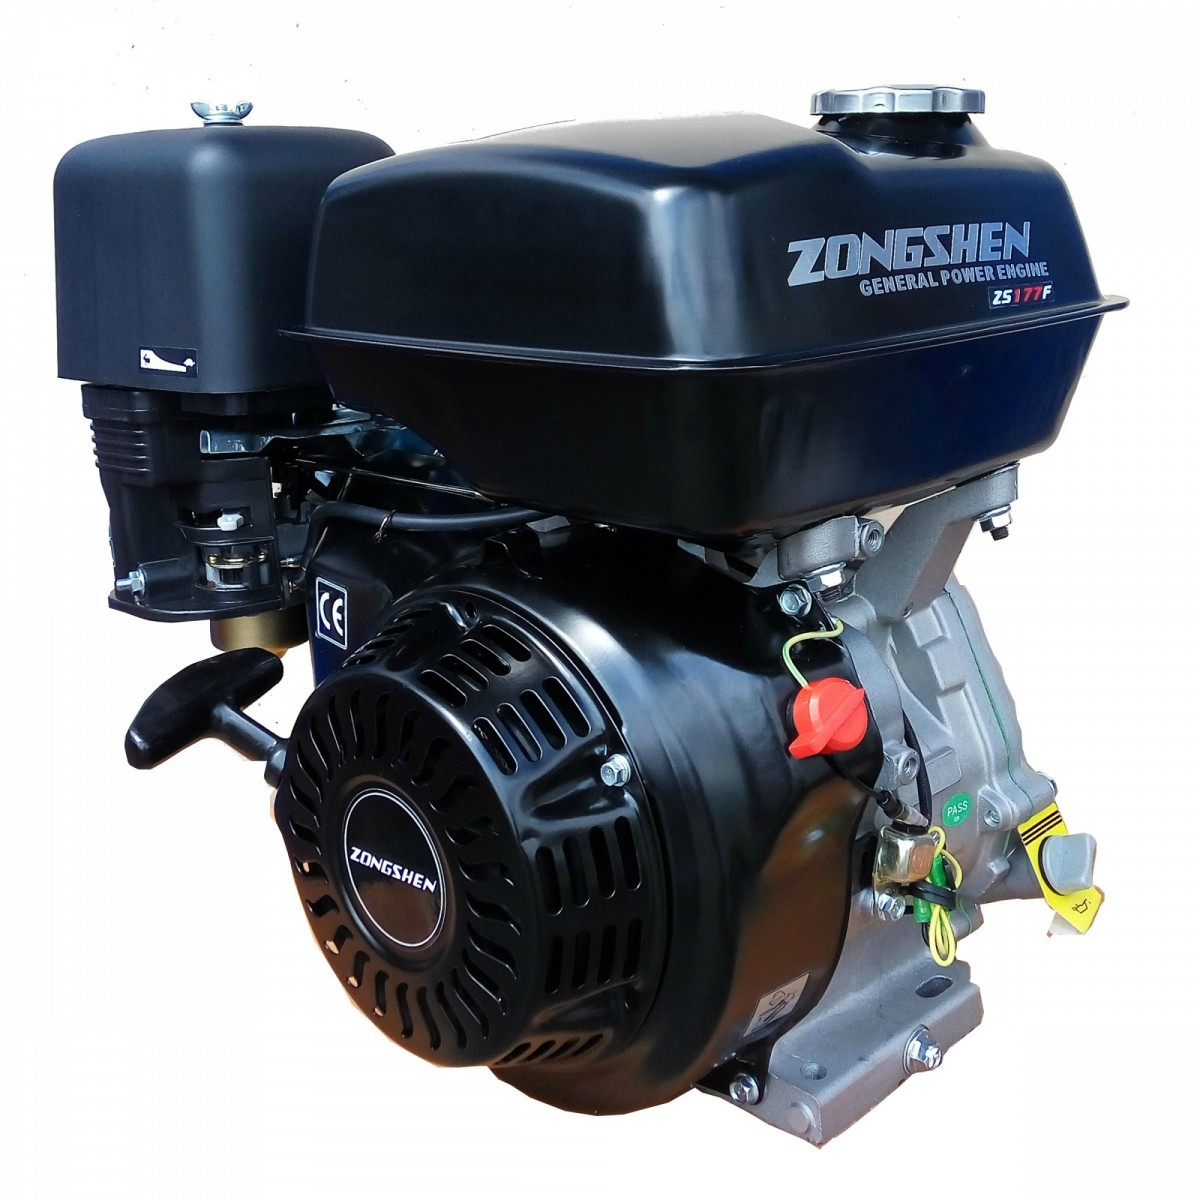 одноцилиндровый и двухцилиндровый лодочный мотор